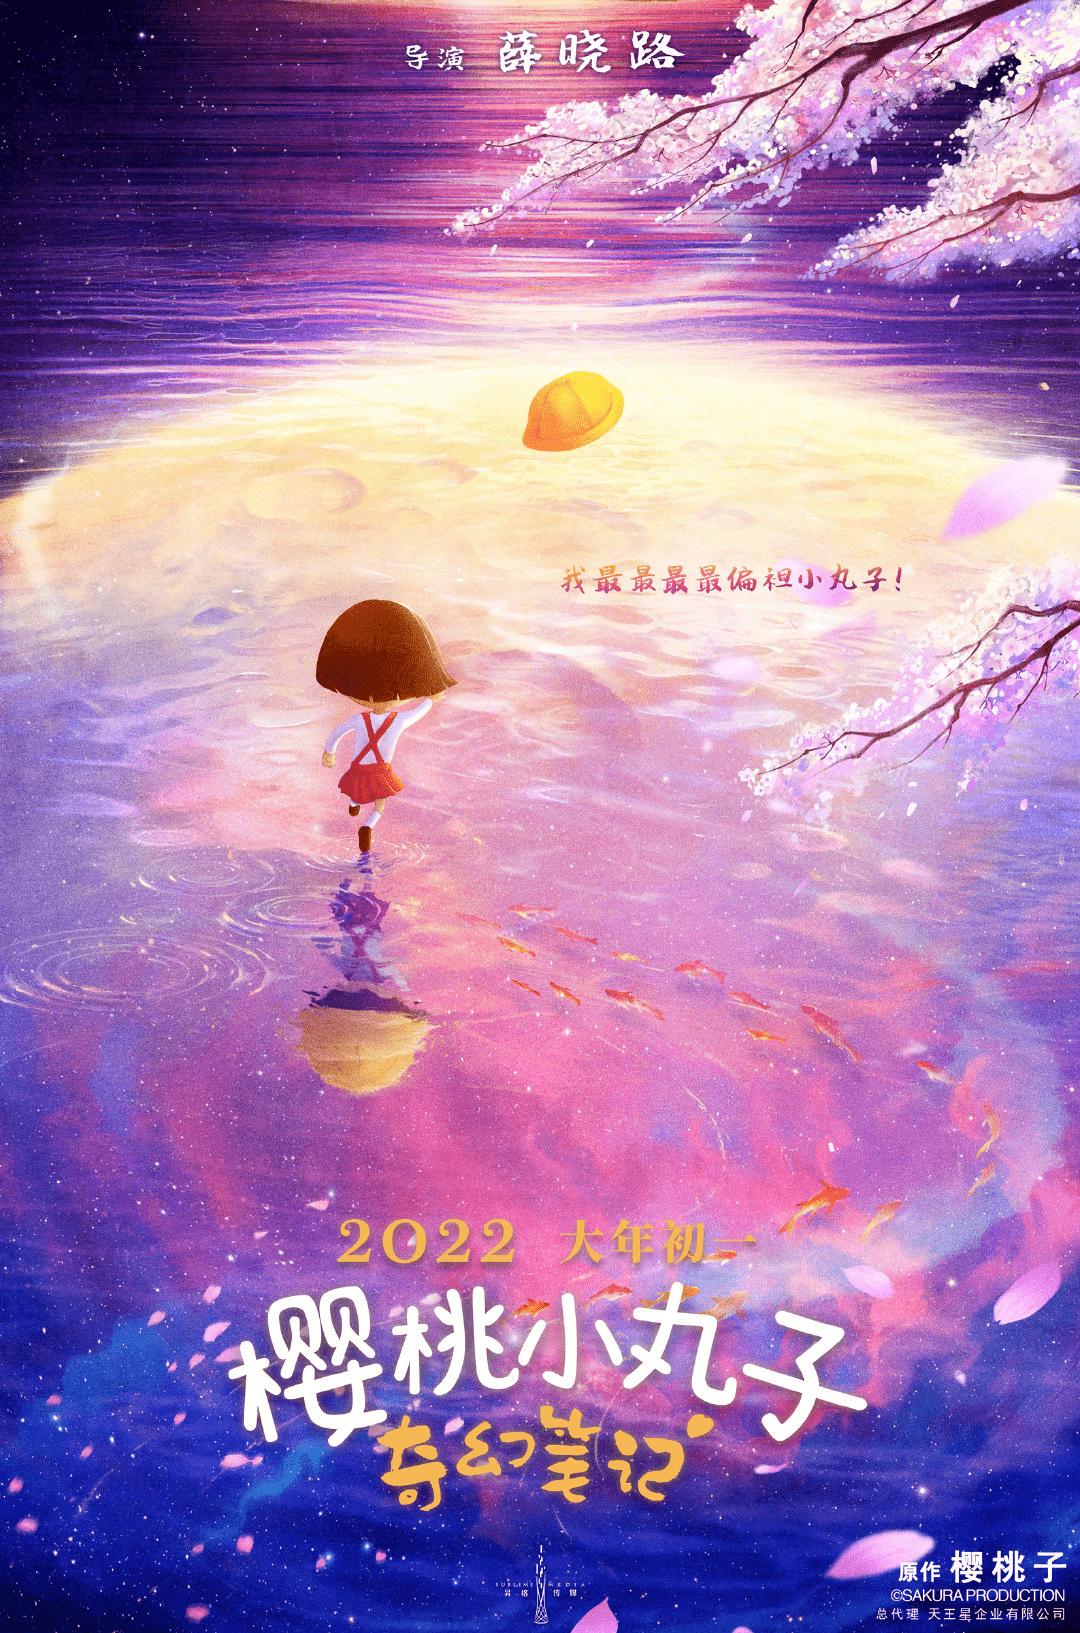 《樱桃小丸子》定档明年春节;王思聪熊猫互娱破产拍卖